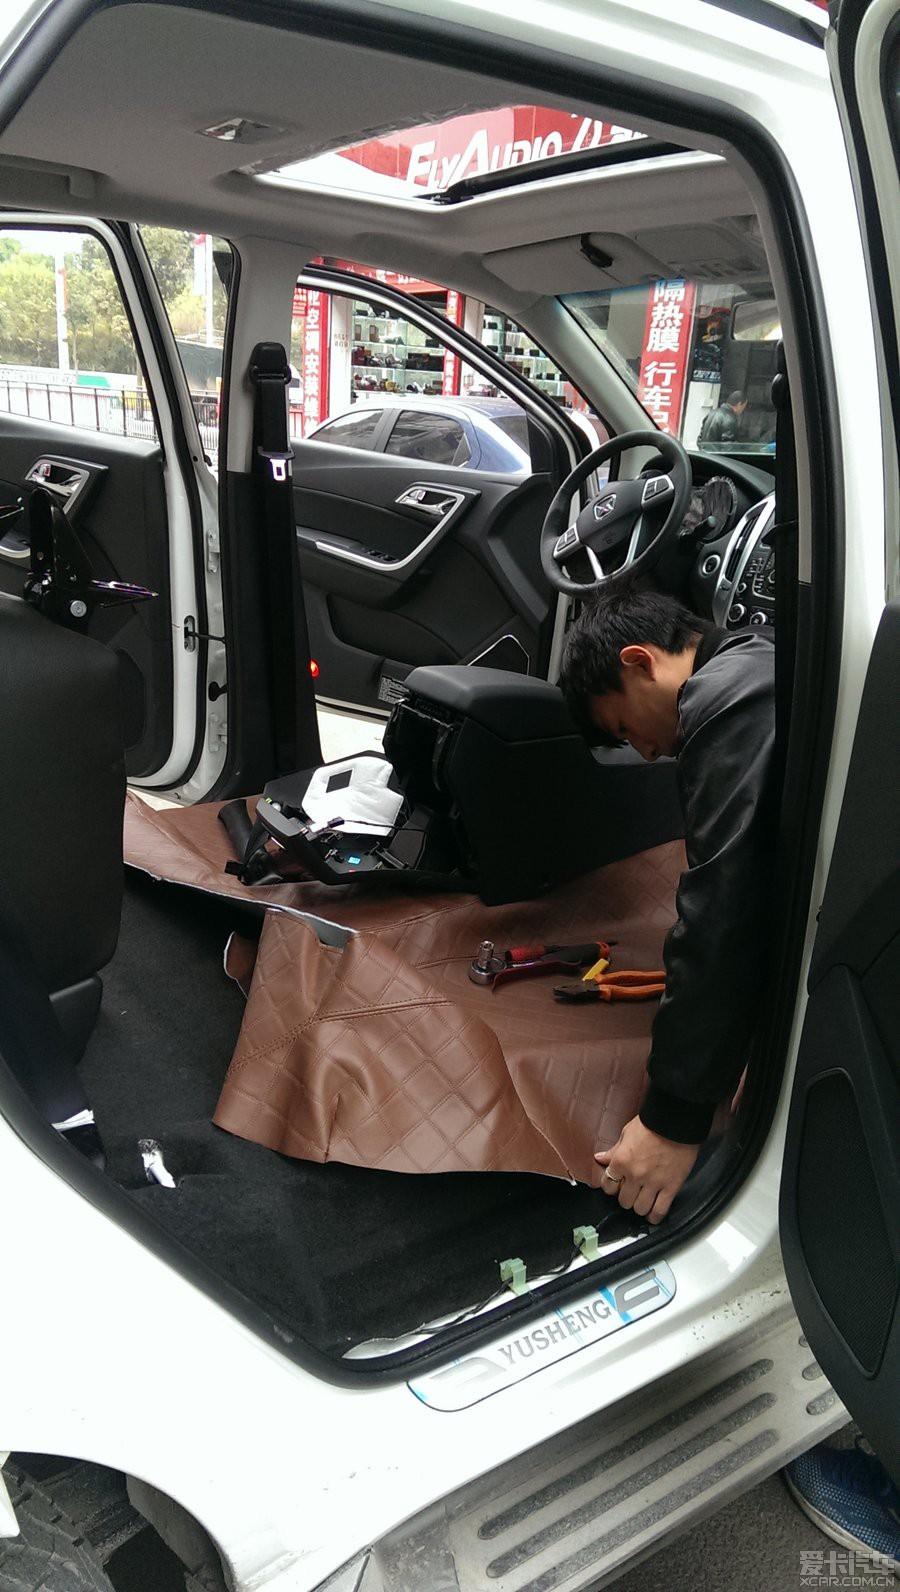 底盘装甲 行李架灯光各种改装走起 高清图片